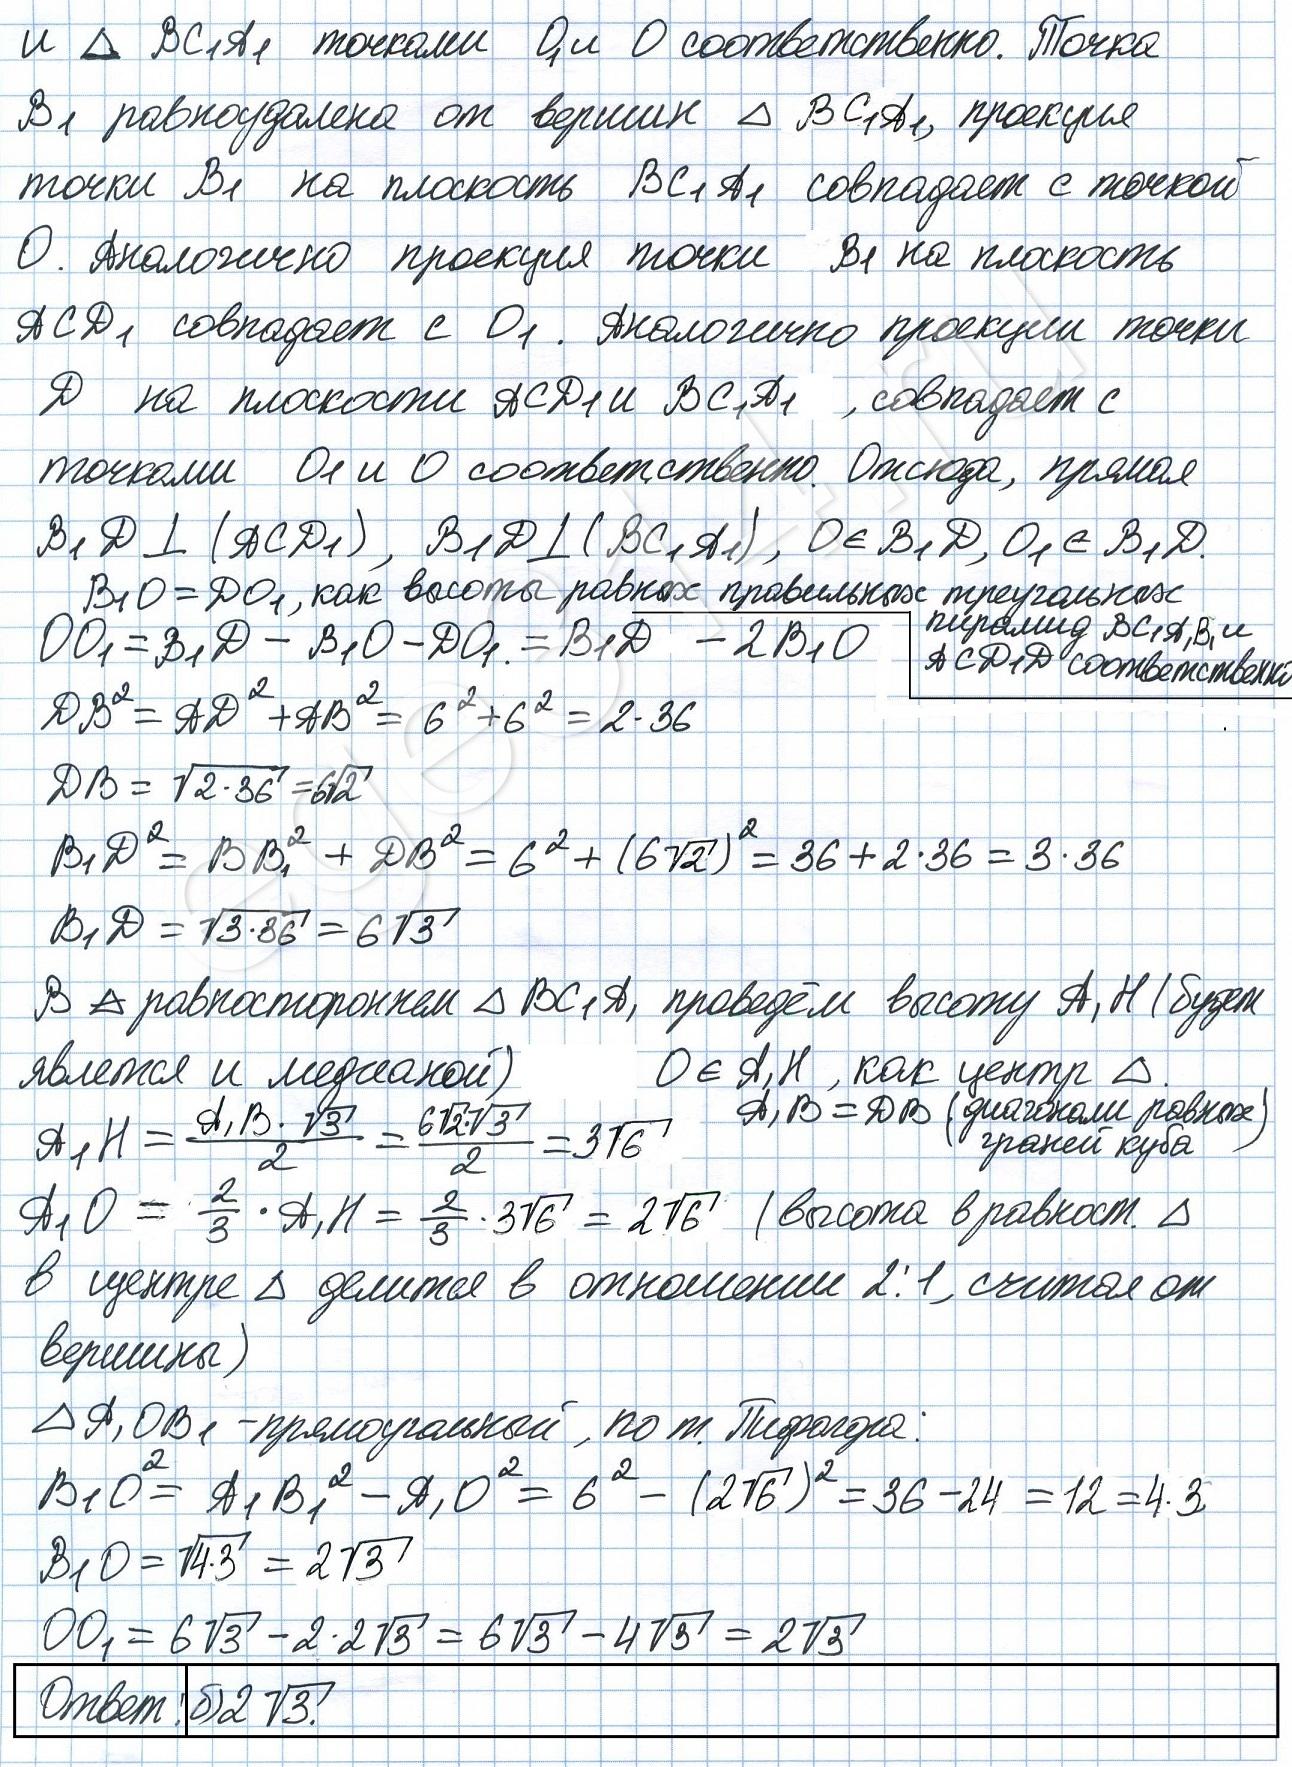 Решение №1912 В кубе 𝐴𝐵𝐶𝐷𝐴1𝐵1𝐶1𝐷1 все ребра равны 6. а) Докажите, что угол между прямыми 𝐴𝐶 и 𝐵𝐶1 равен 60°.